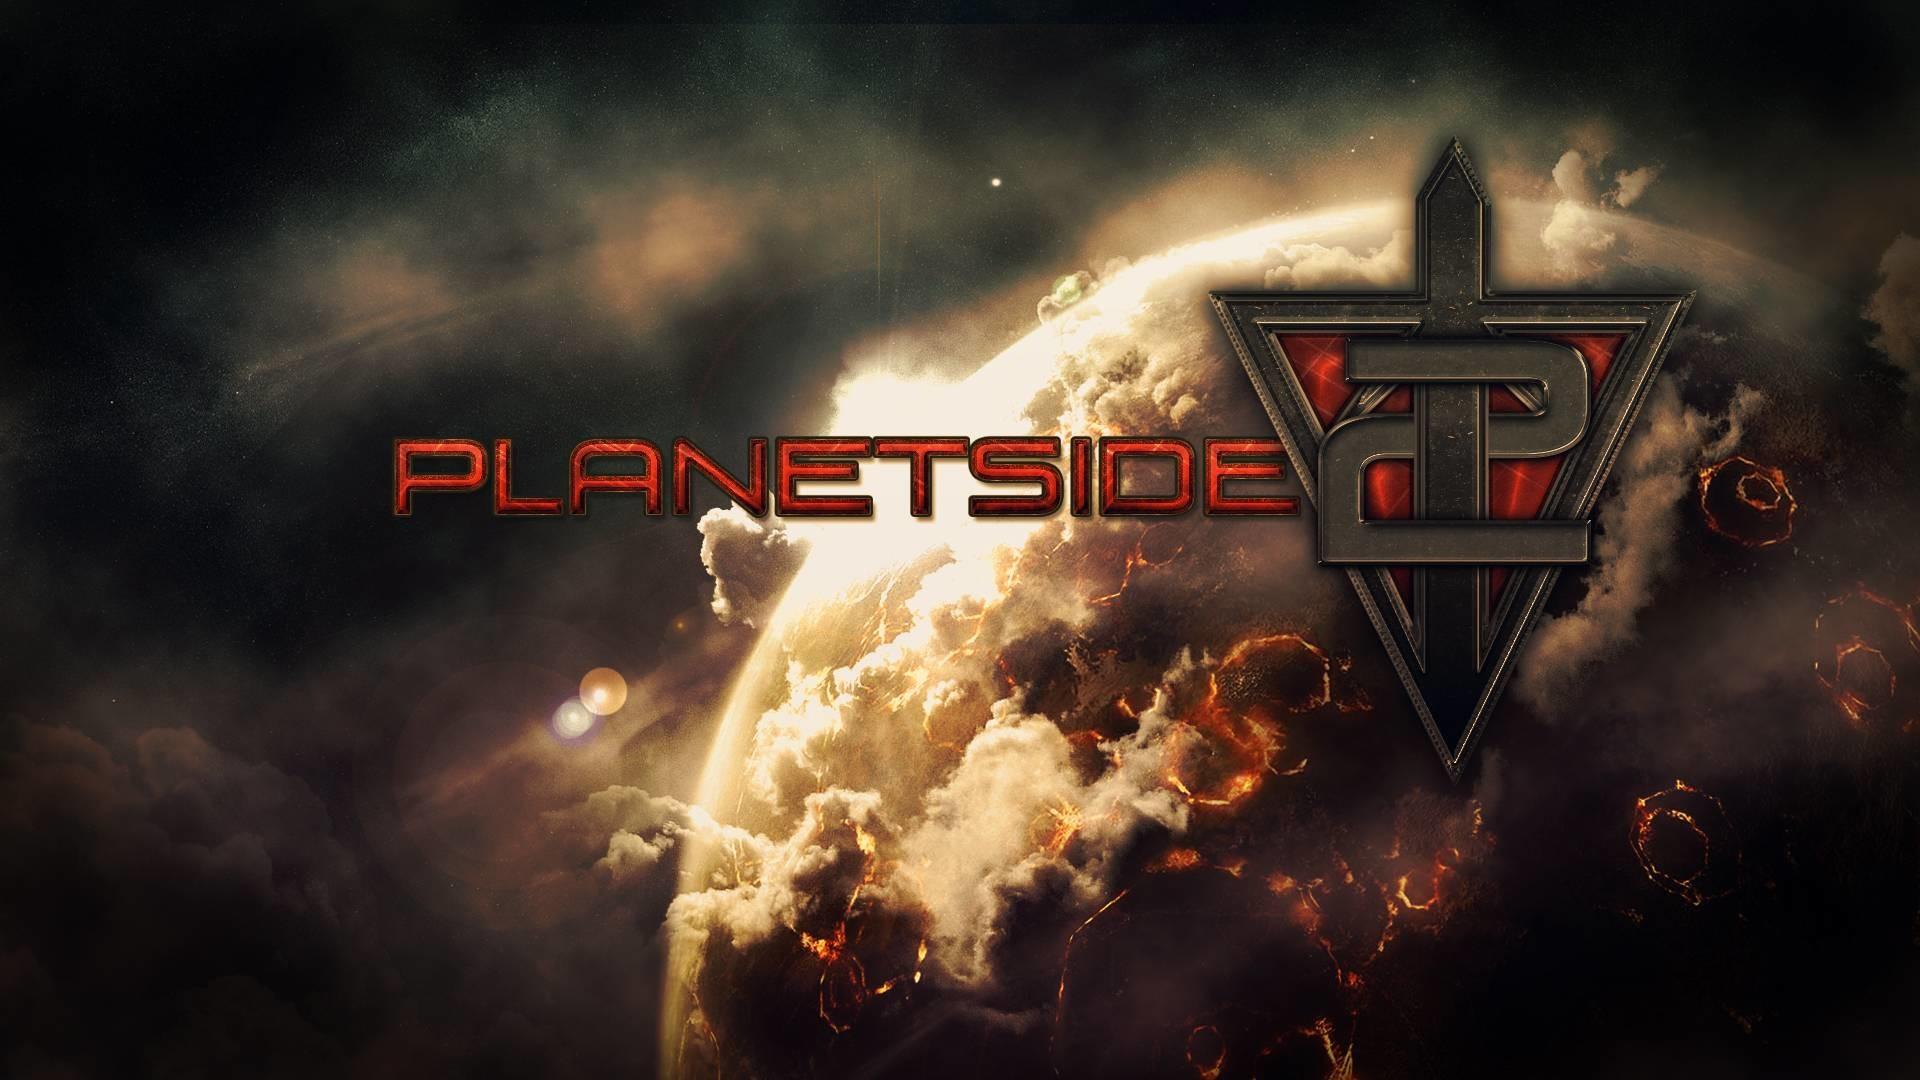 Planetside 2 hd. 1920×1080